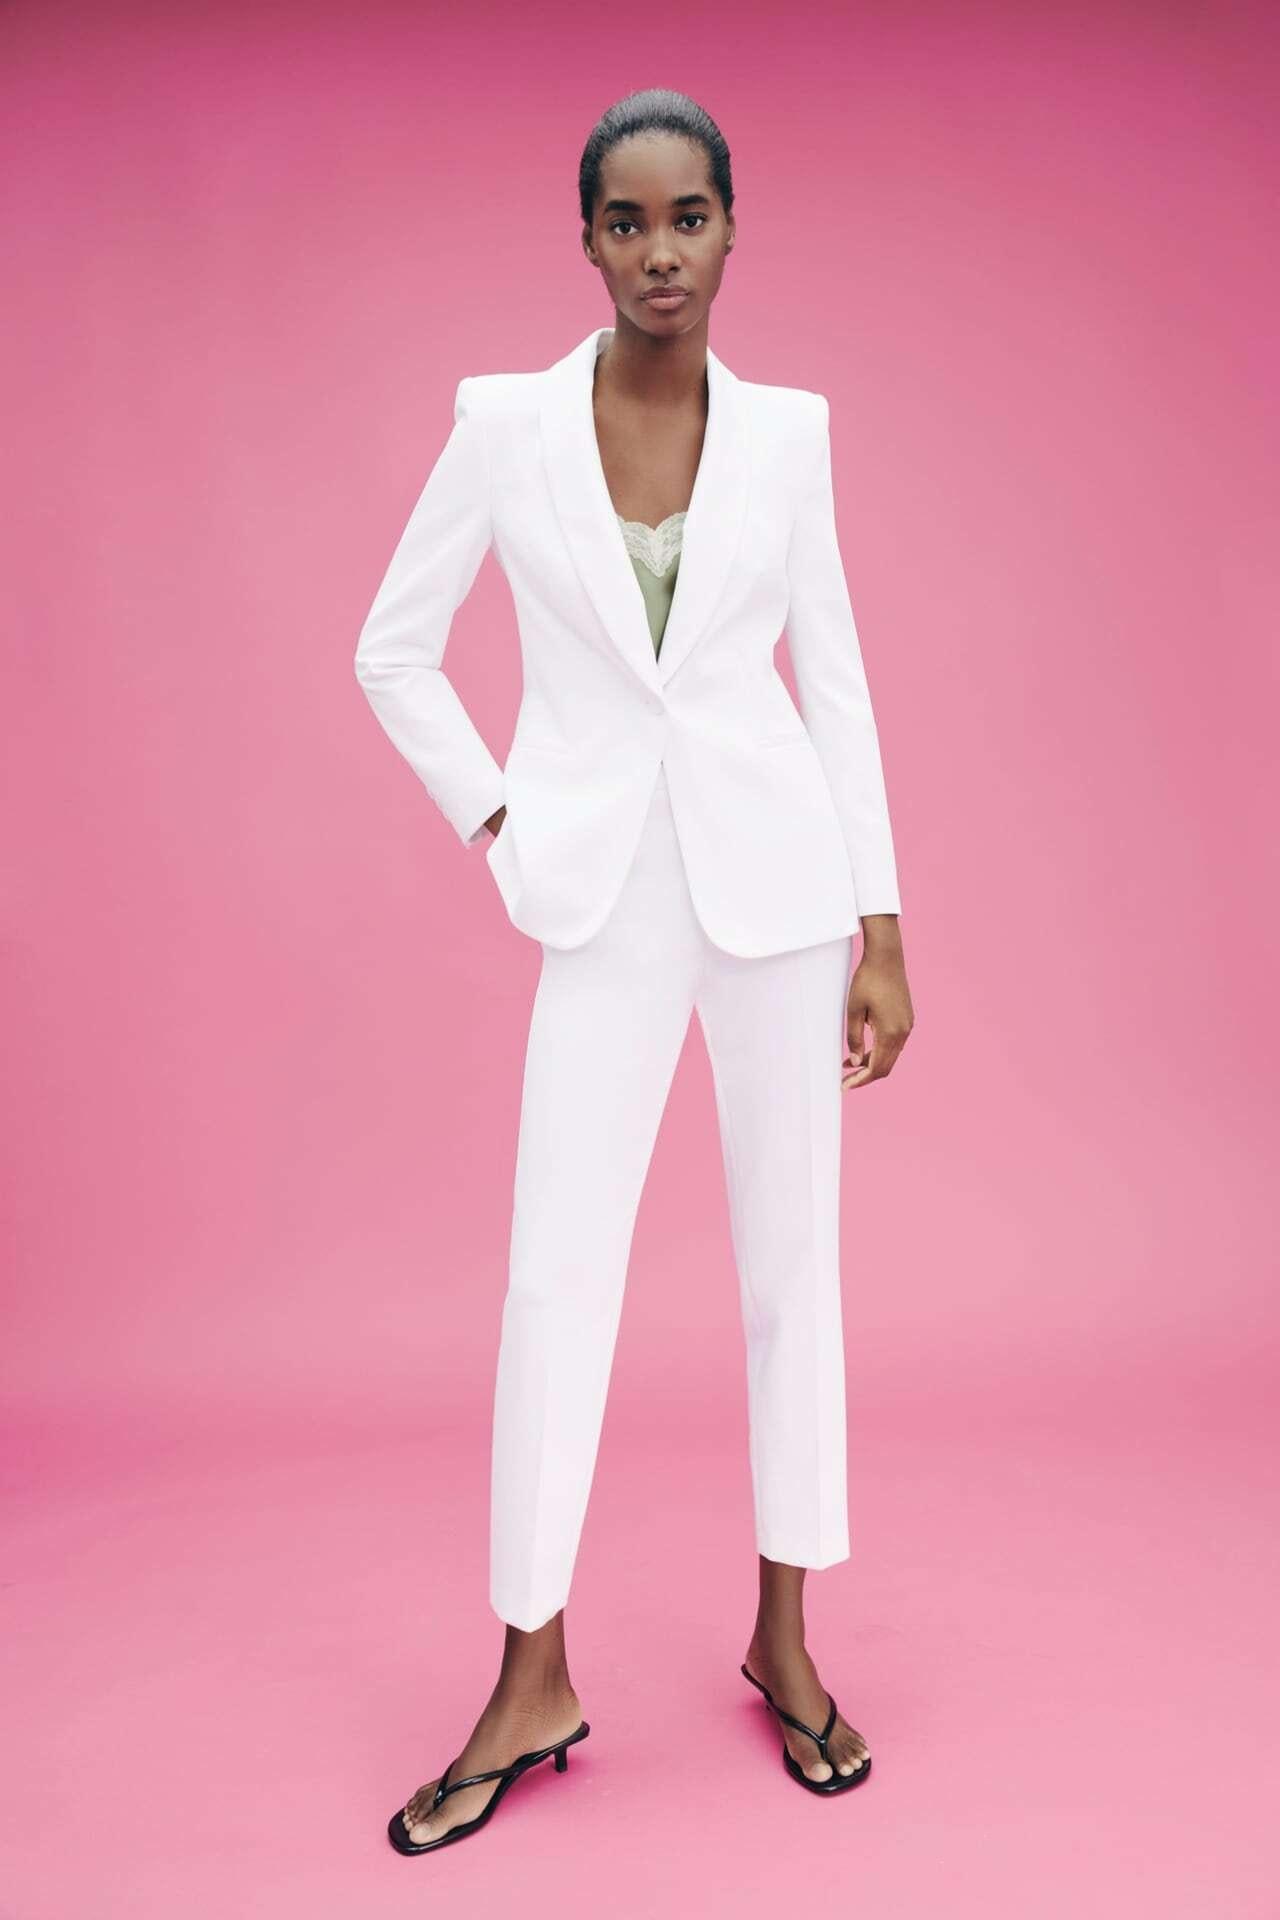 mulher vestida com blazer branco e calças brancas da Zara